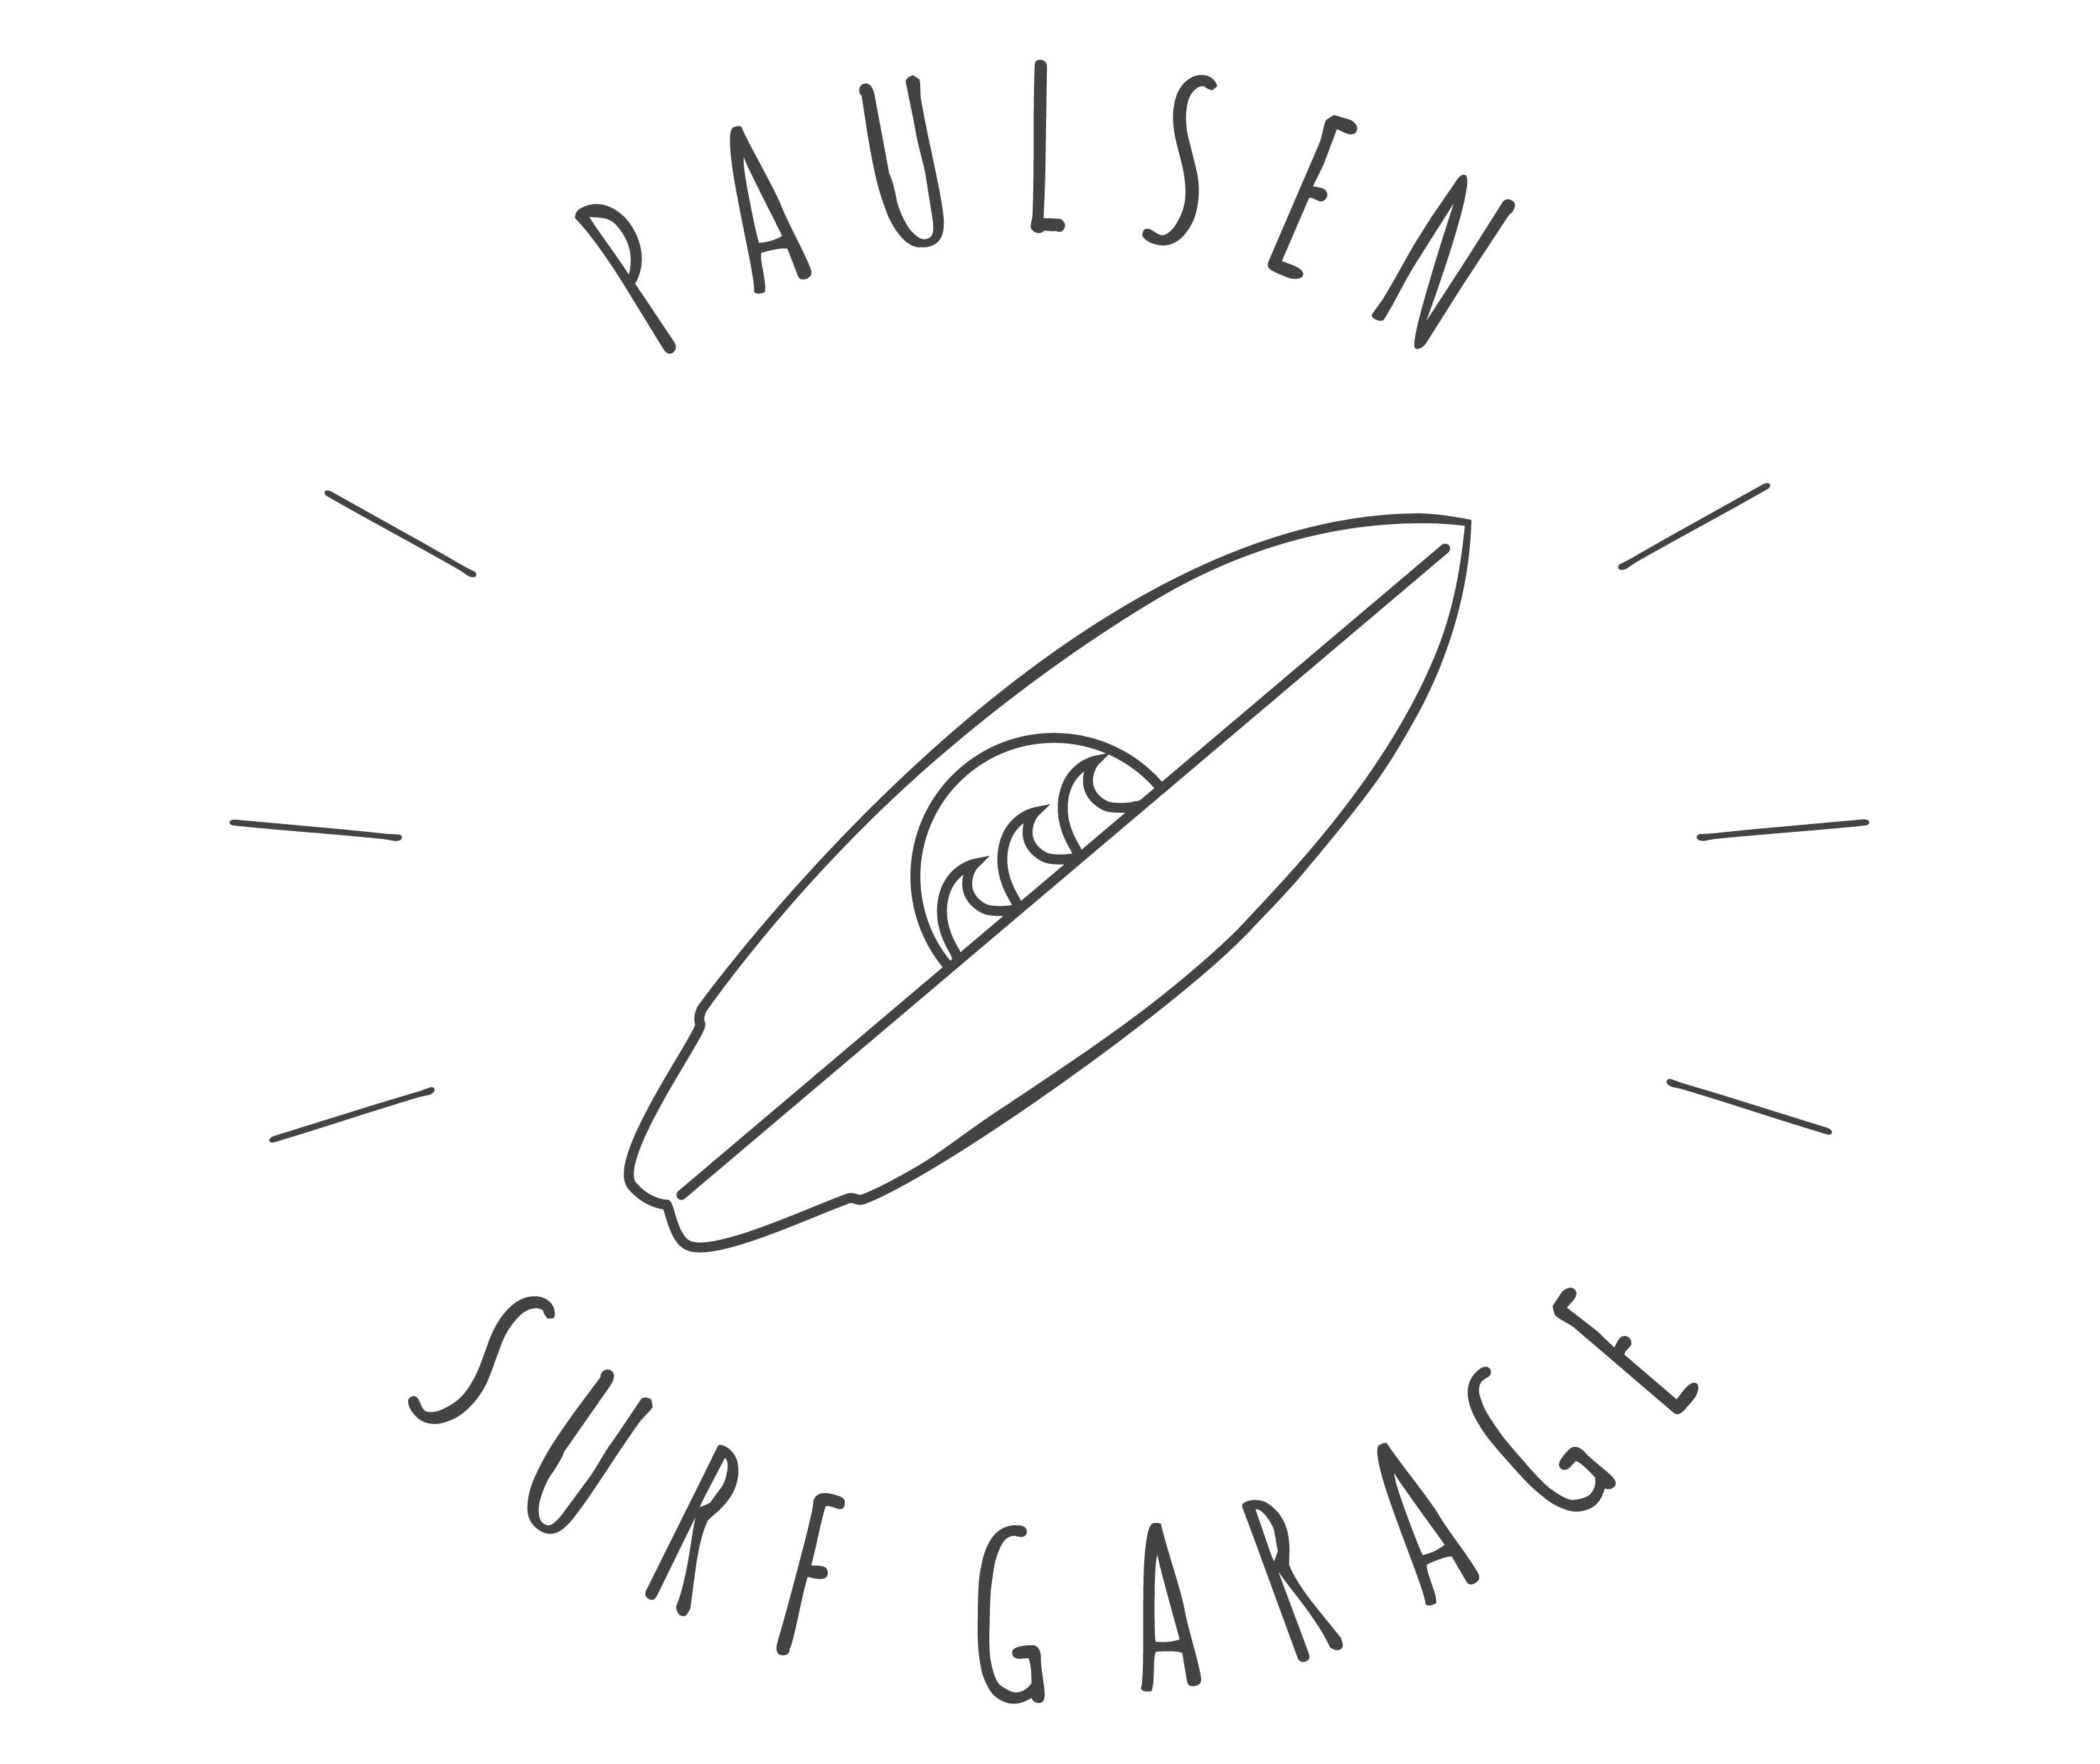 Paulsensurfgarage